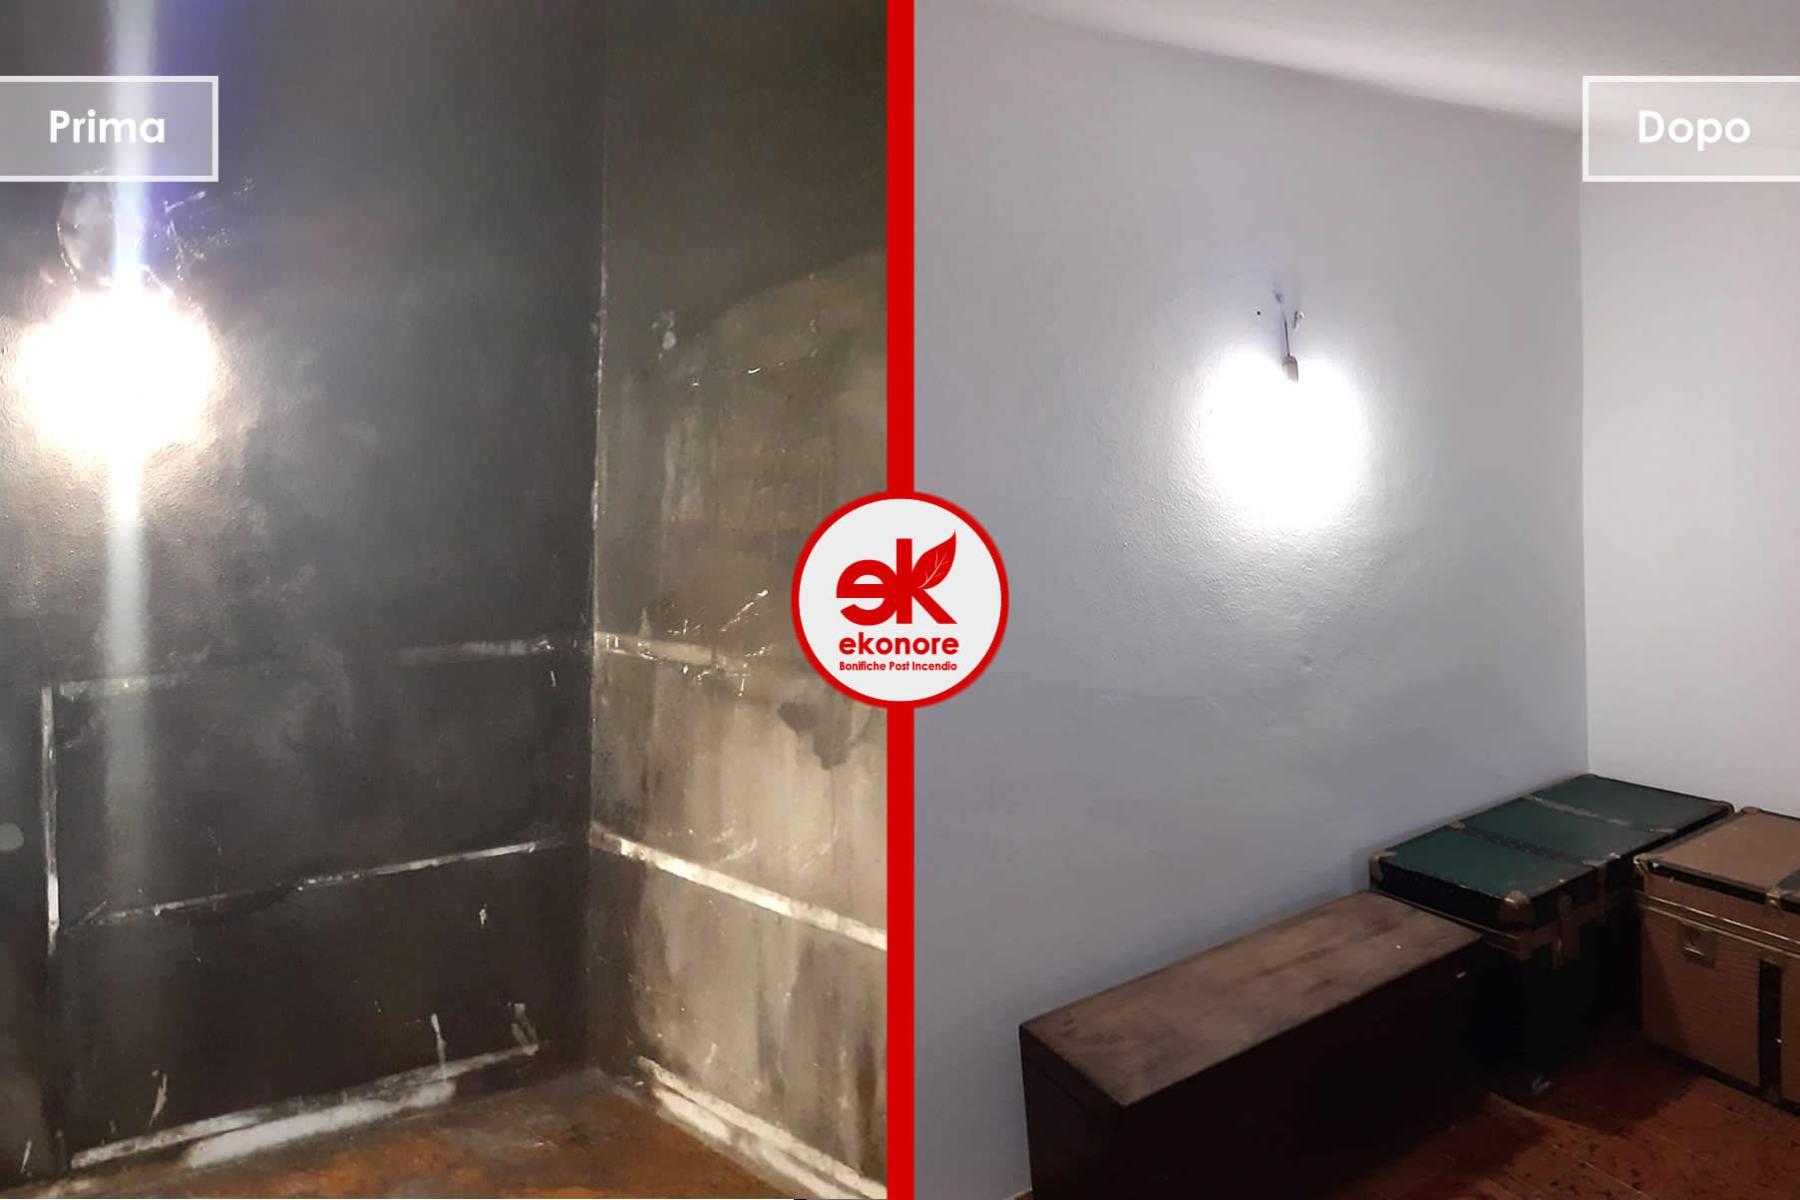 Bonifica pulizia dopo un incendio in casa